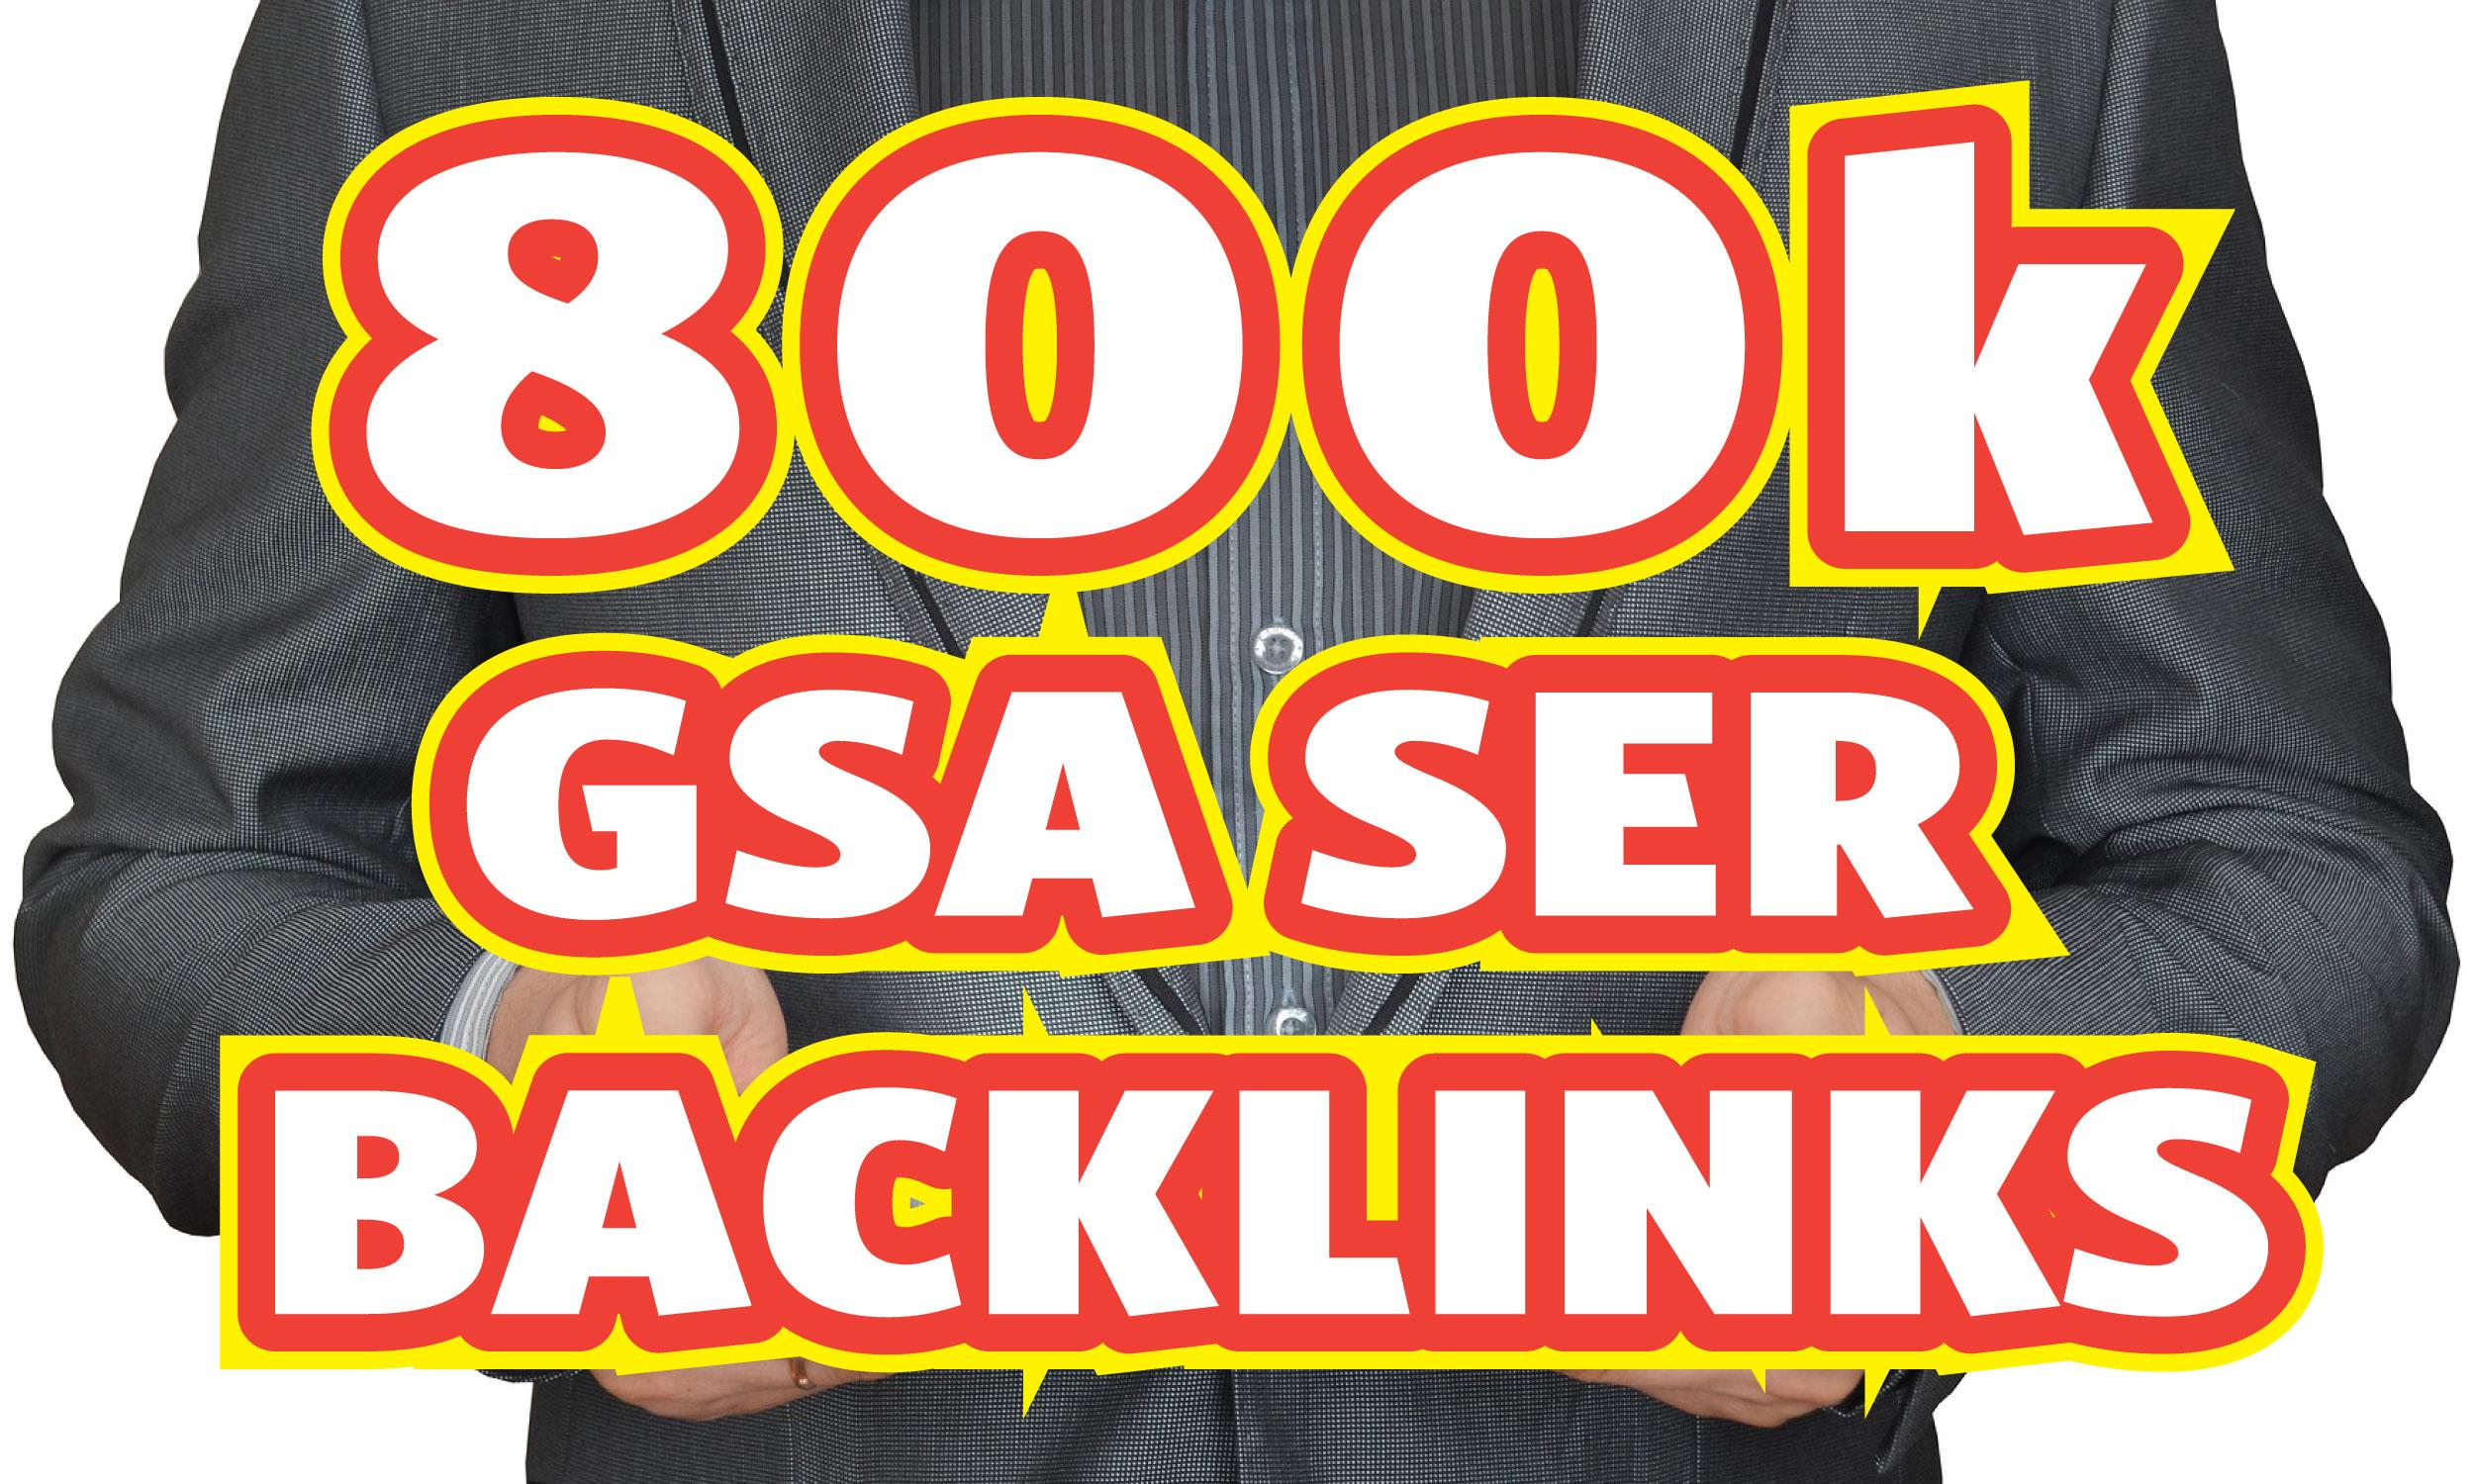 Provide 800K GSA SER Backlinks for Fastest Rankings